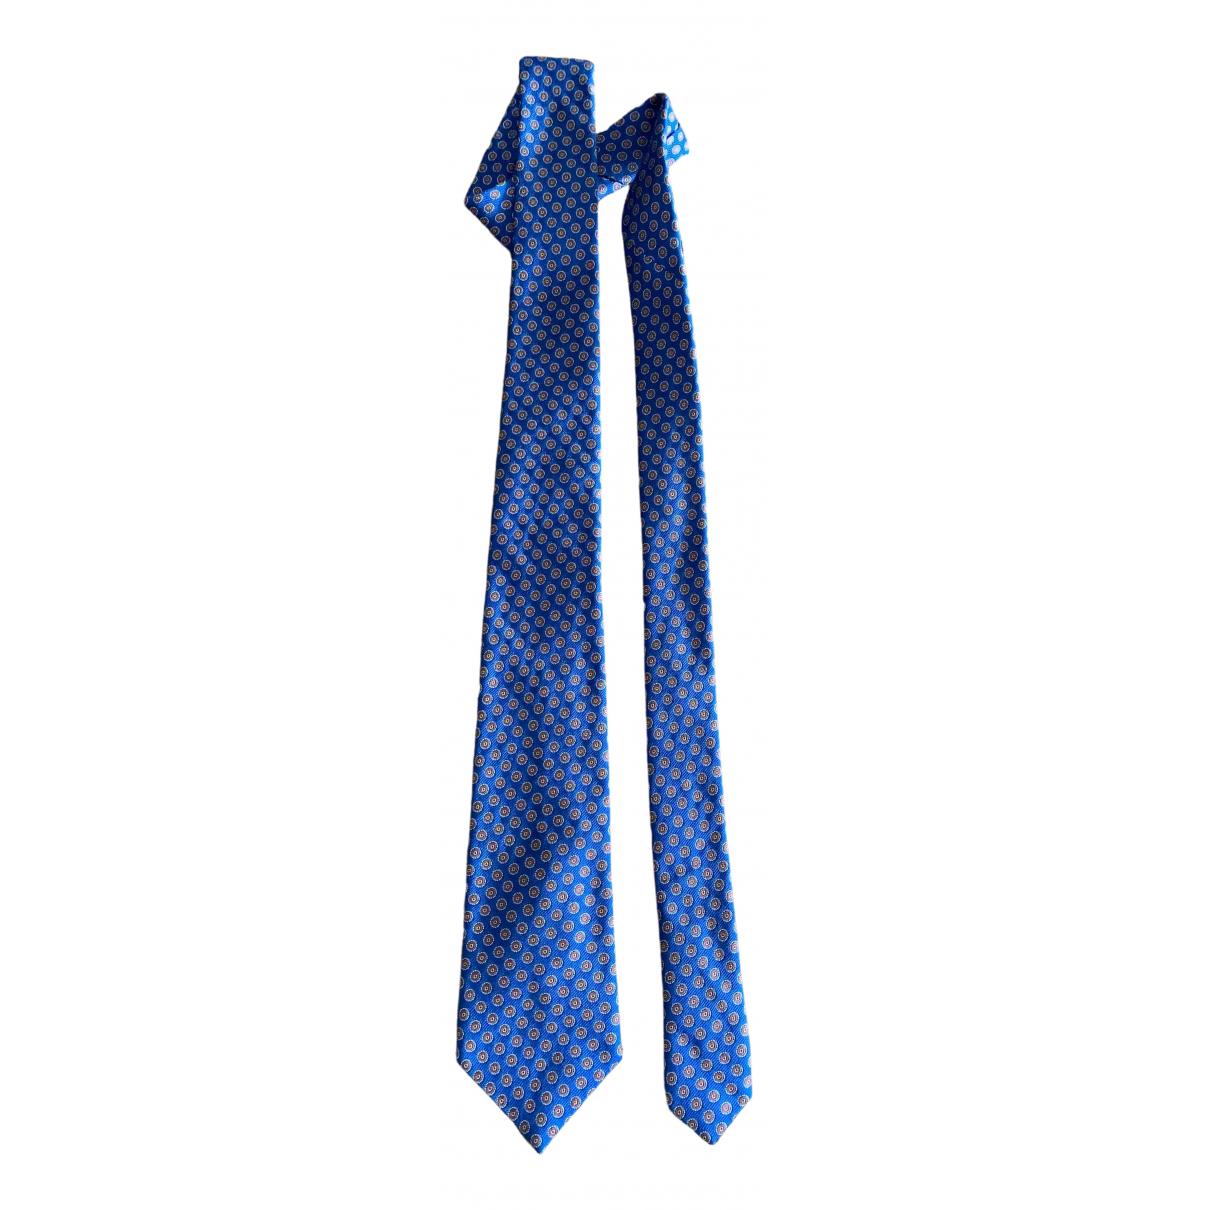 Paul Smith \N Krawatten in  Blau Seide